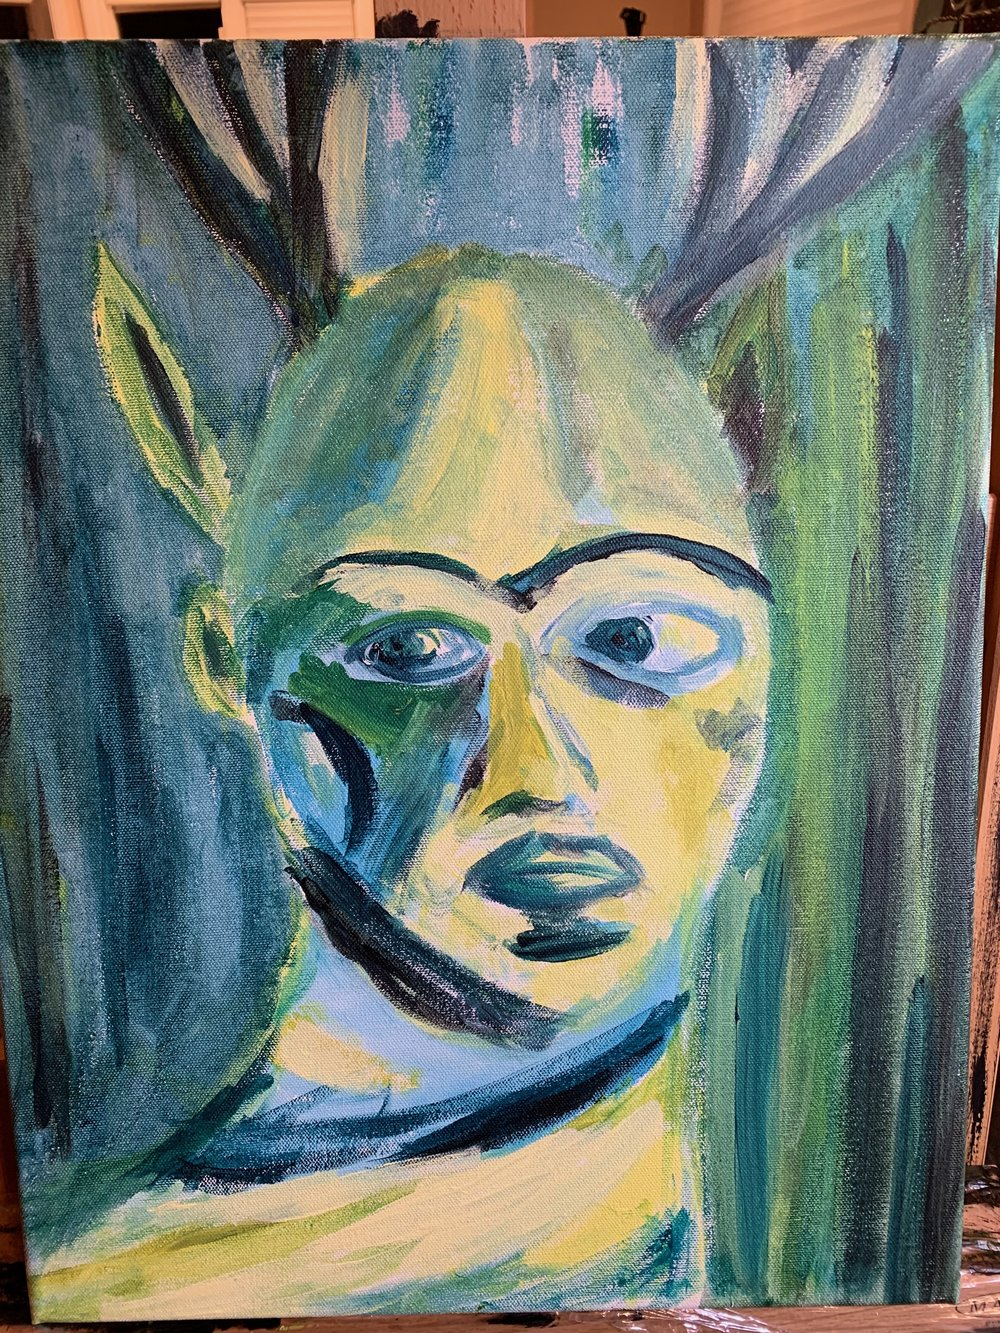 Self-Portrait as Frida Kahlo. Acrylic on Canvas. 11x18. 2018